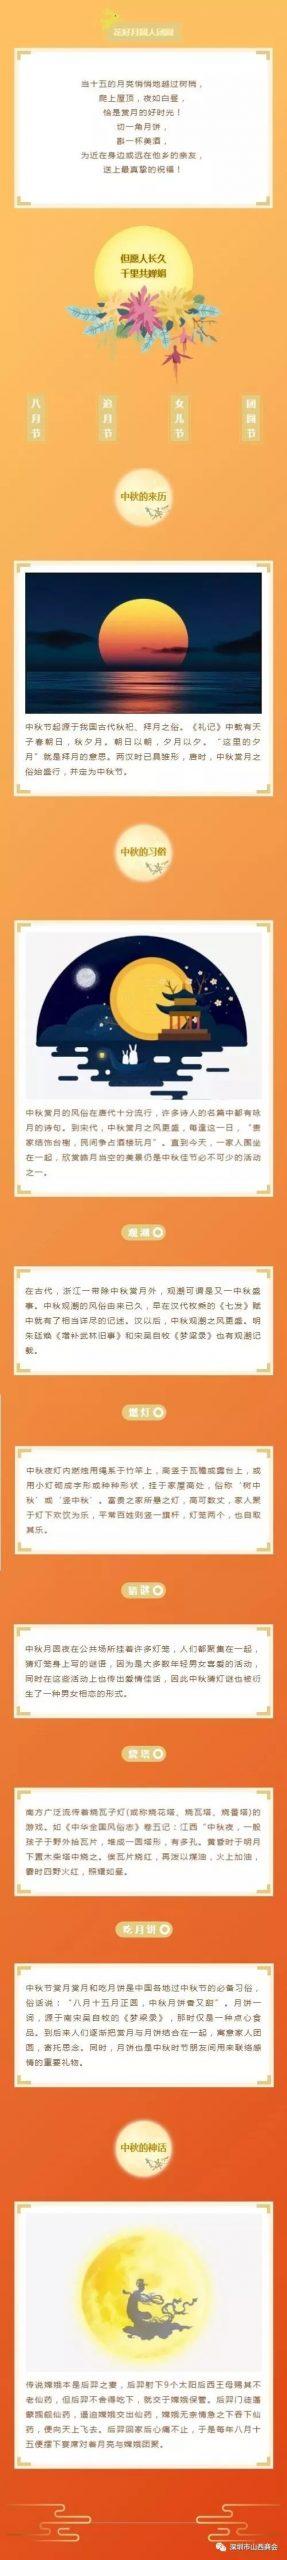 """【节日祝福】""""有你陪伴皆是团圆""""——深圳市山西商会祝会员朋友们中秋快乐!"""